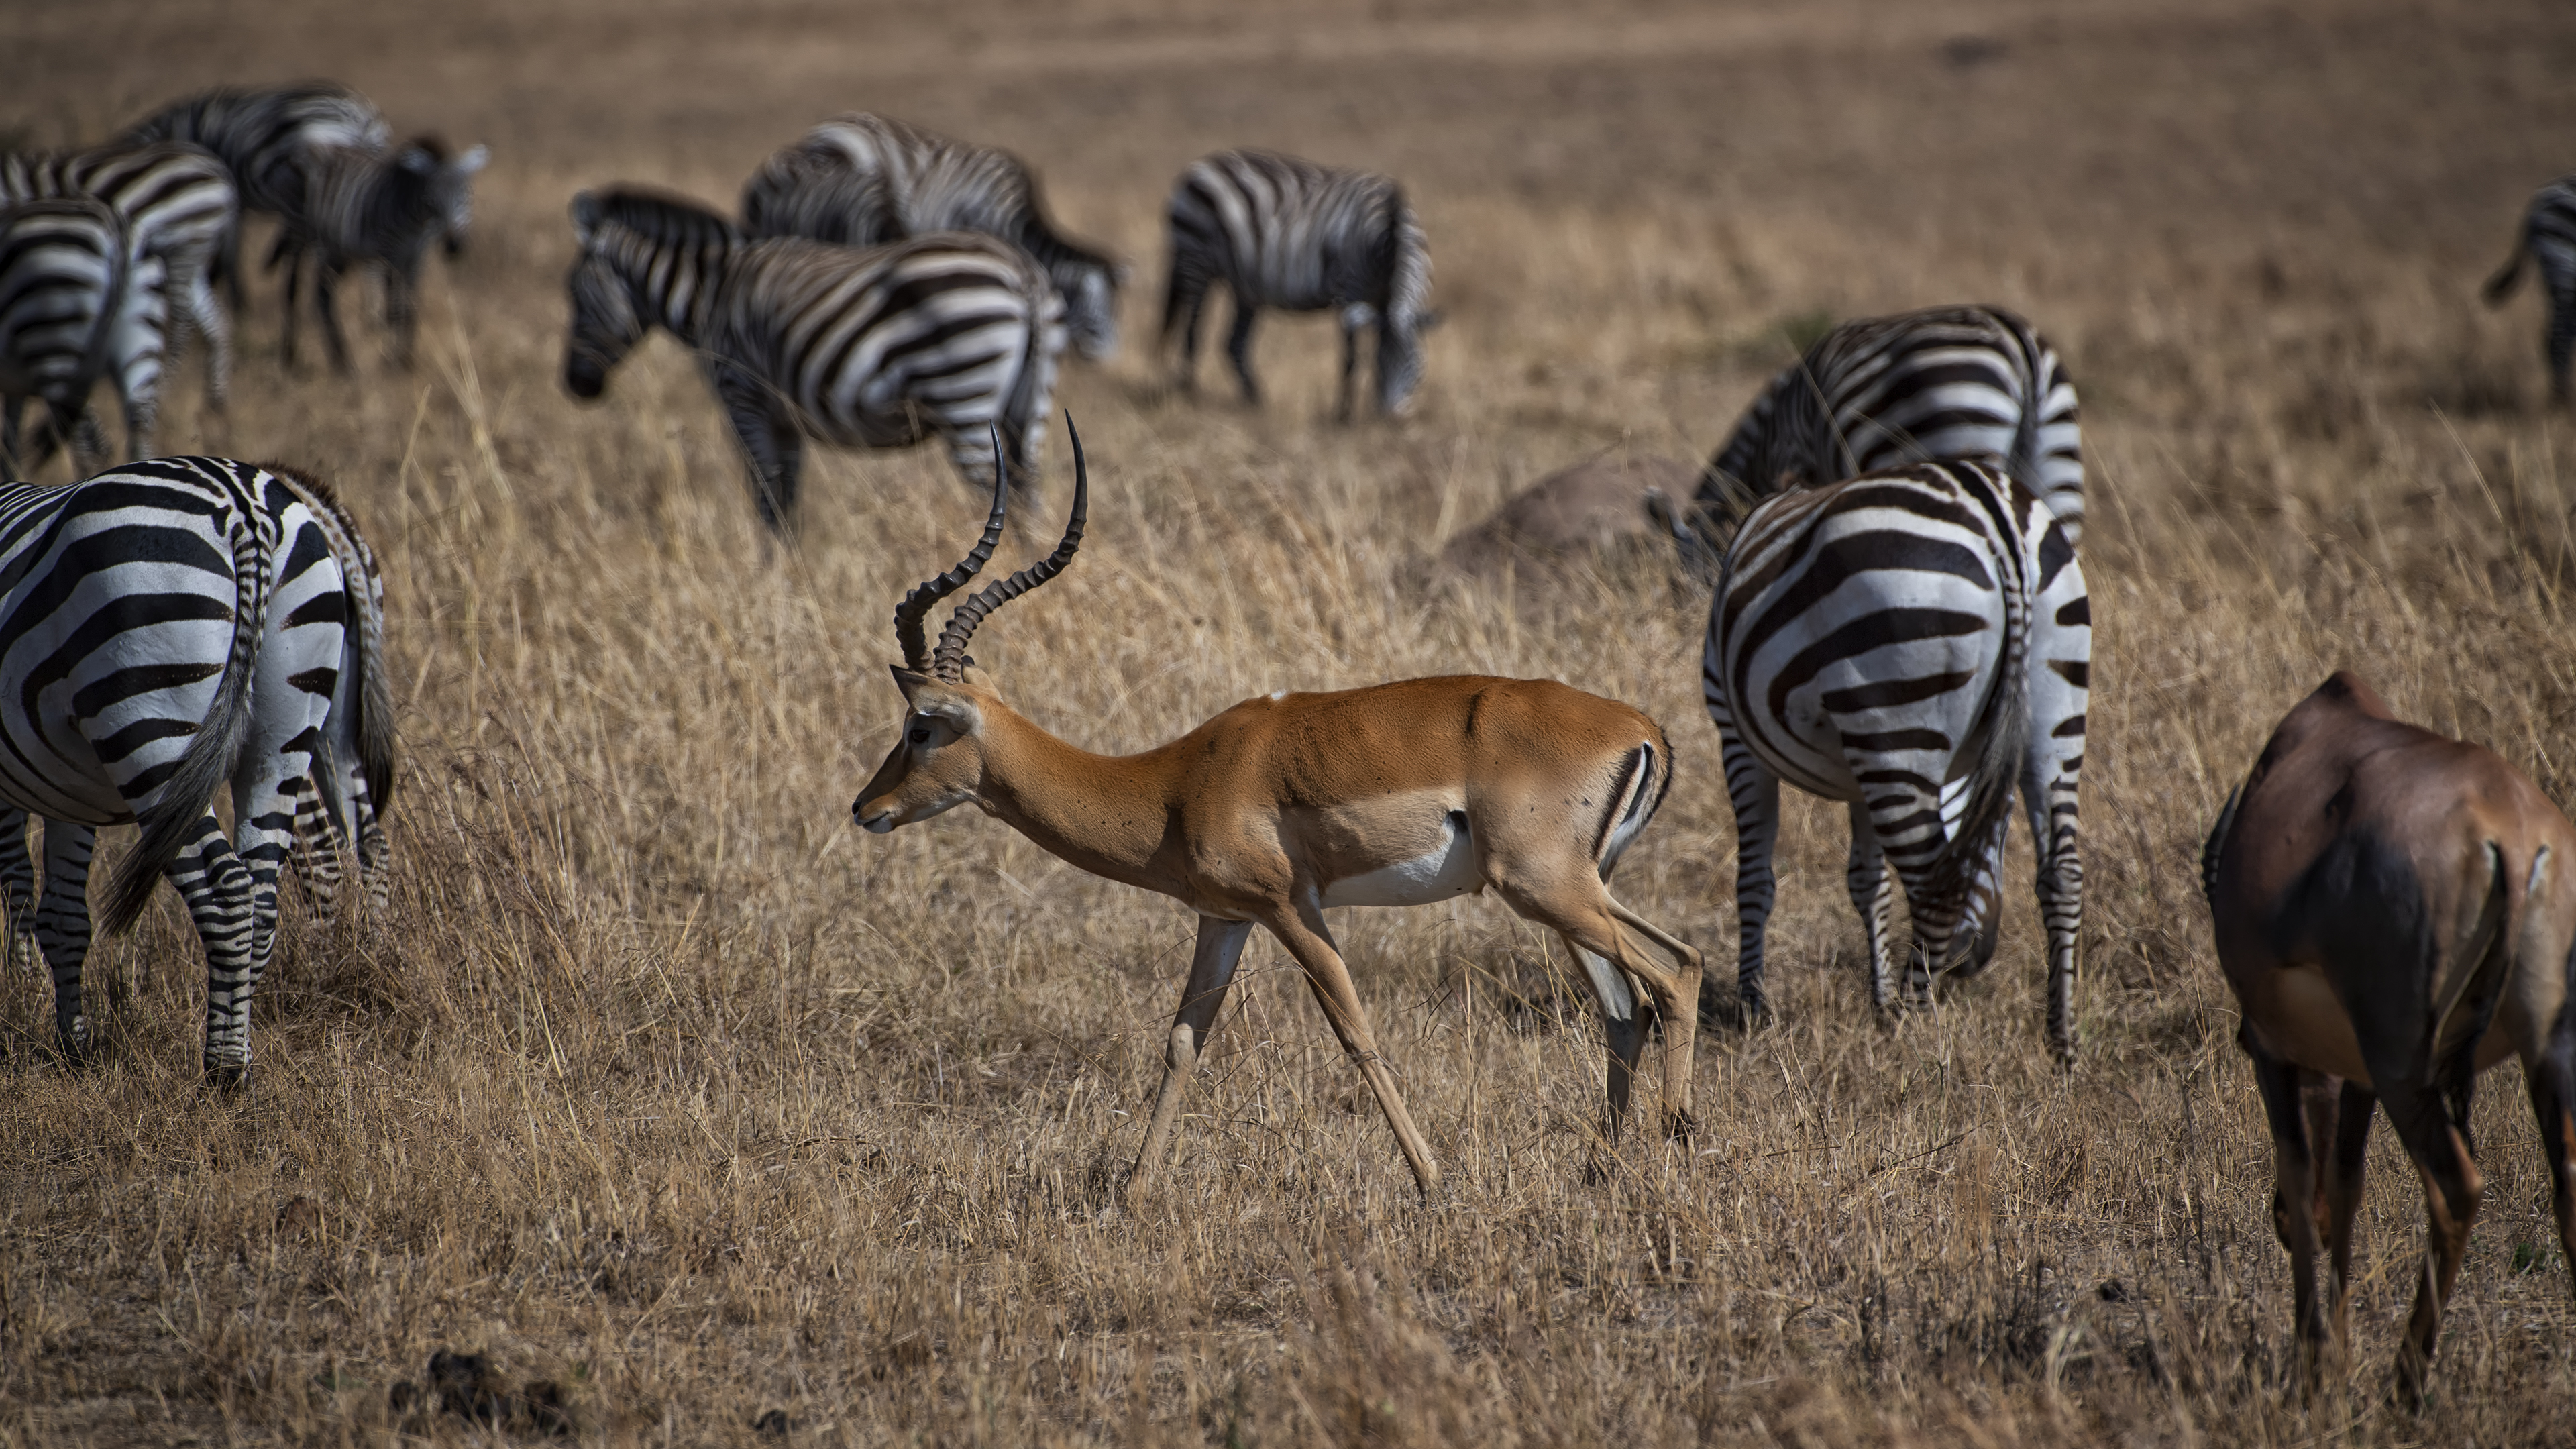 Impala and Zebras